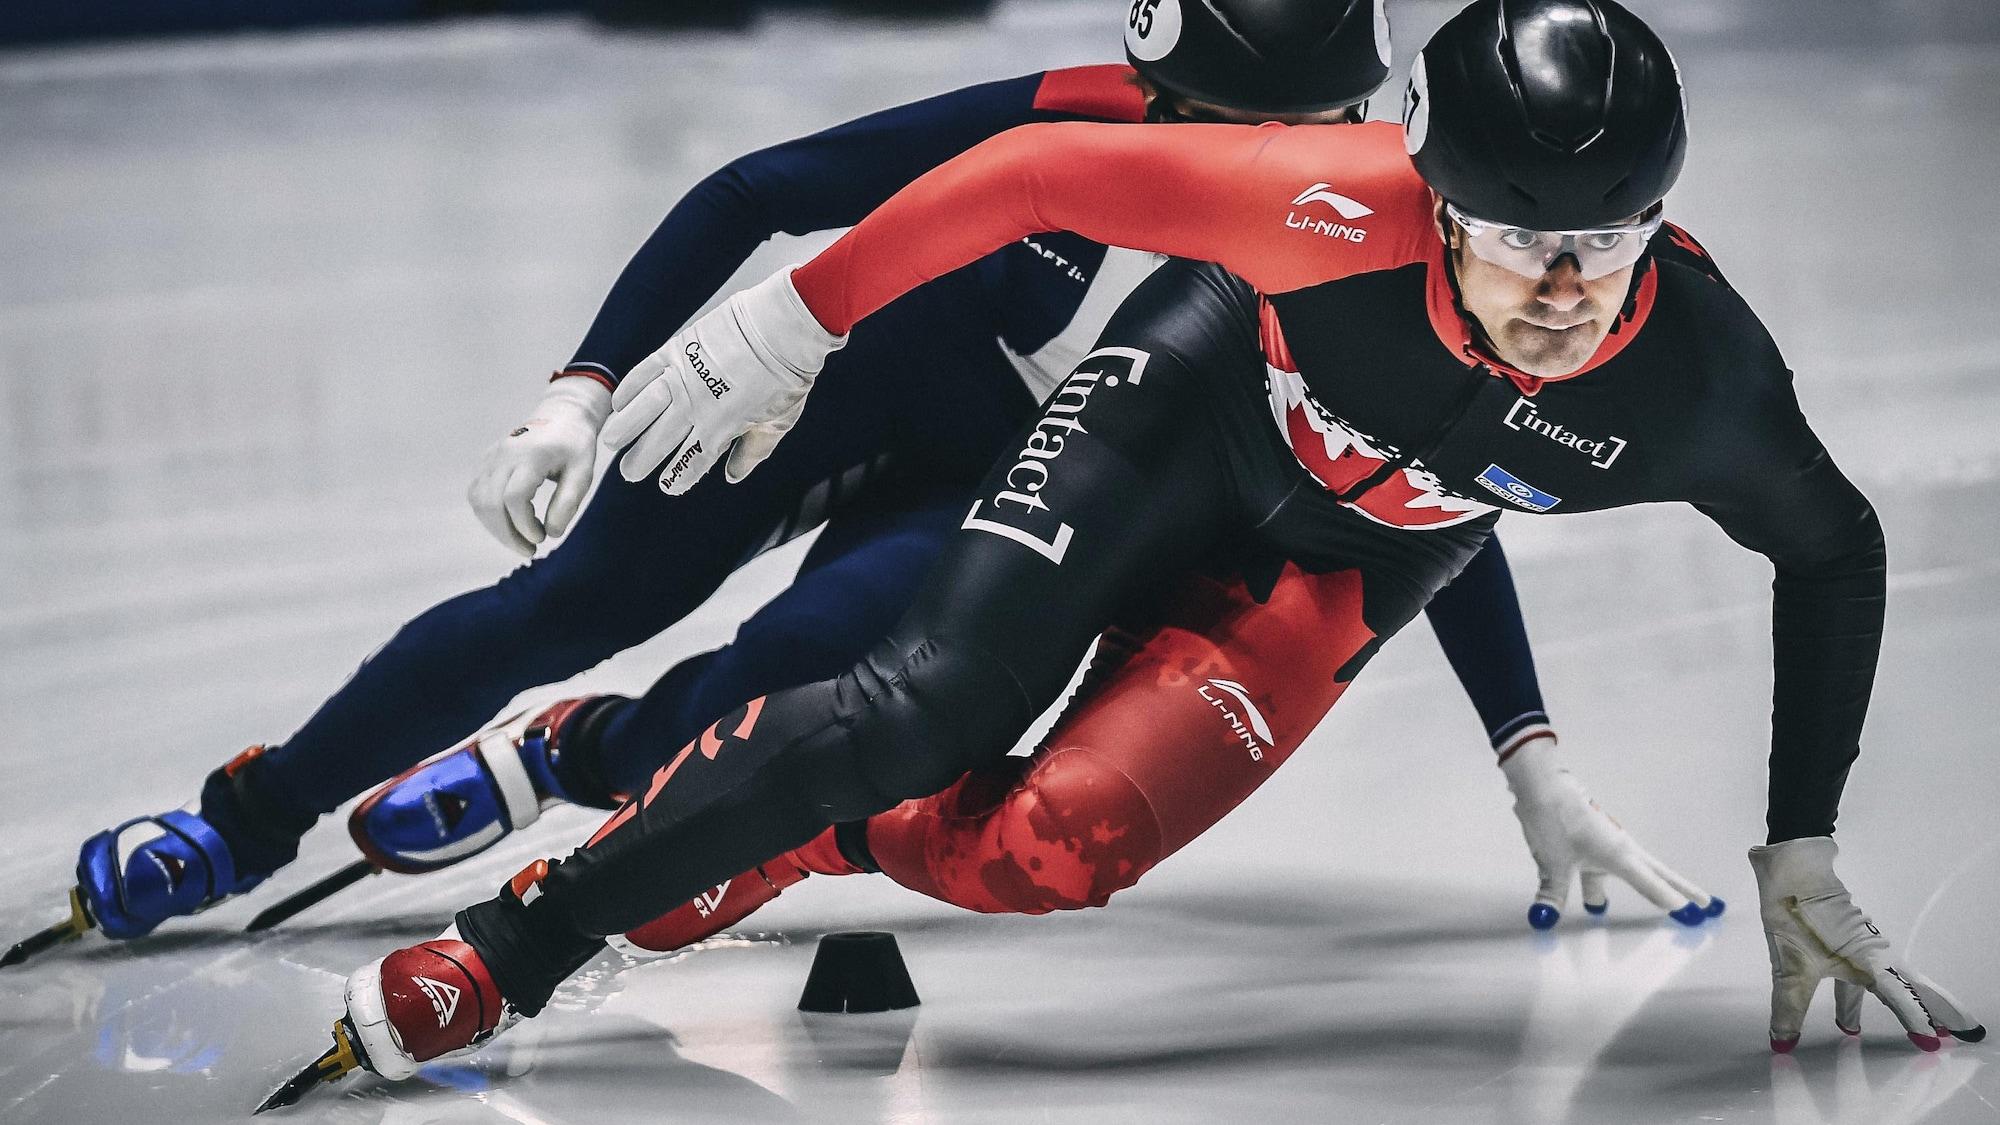 Un patineur de vitesse courte piste effectue un virage, suivi de prés par un adversaire.